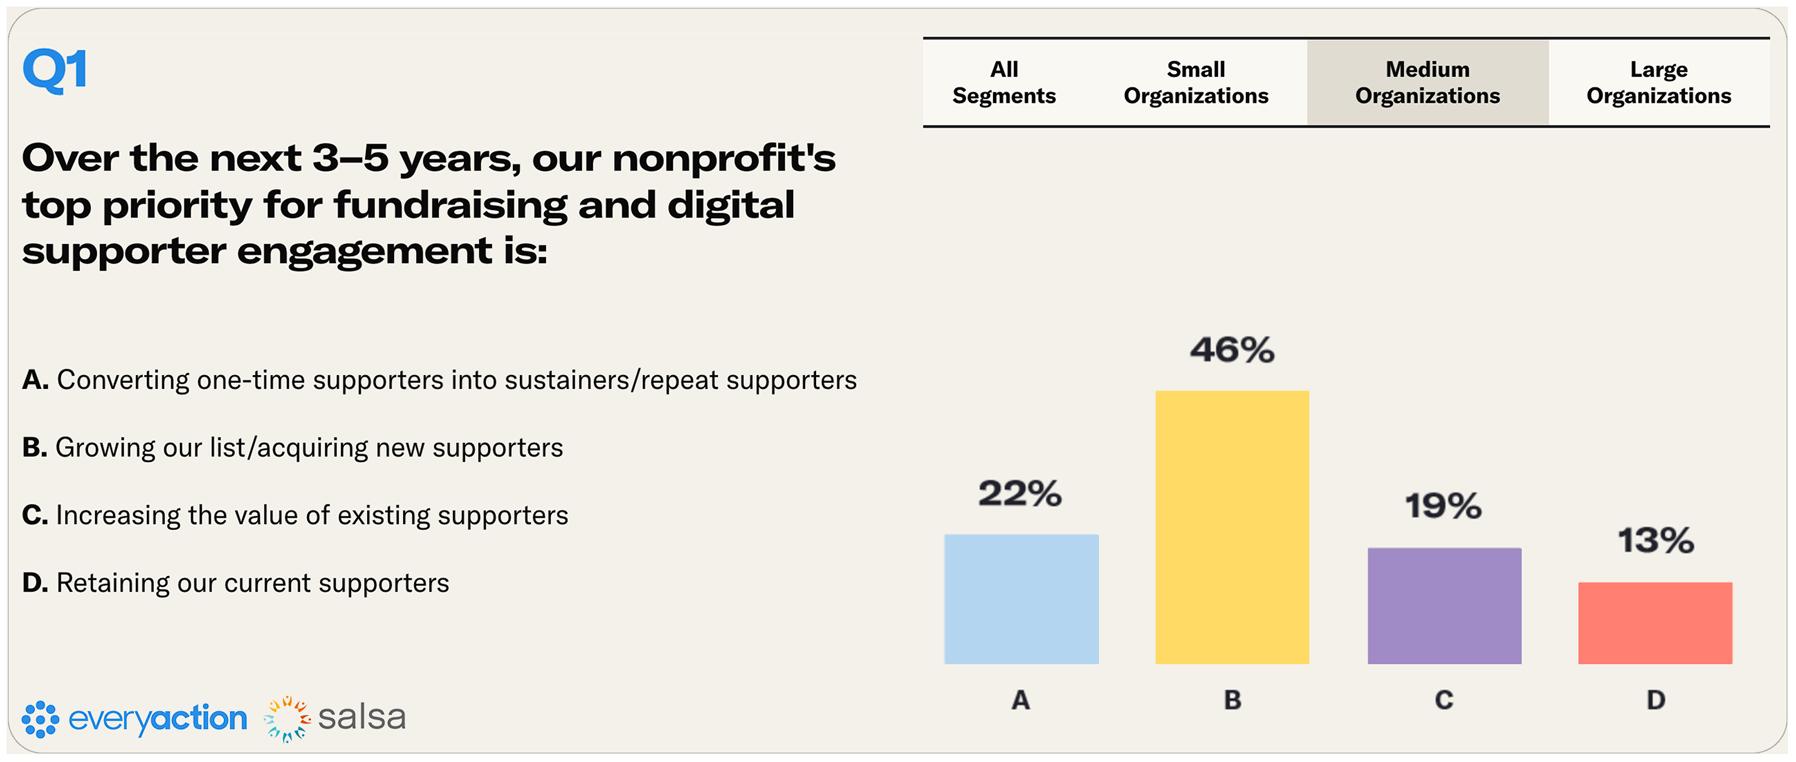 Nonprofit Fundraising Survey Q1 Medium Nonprofits Image